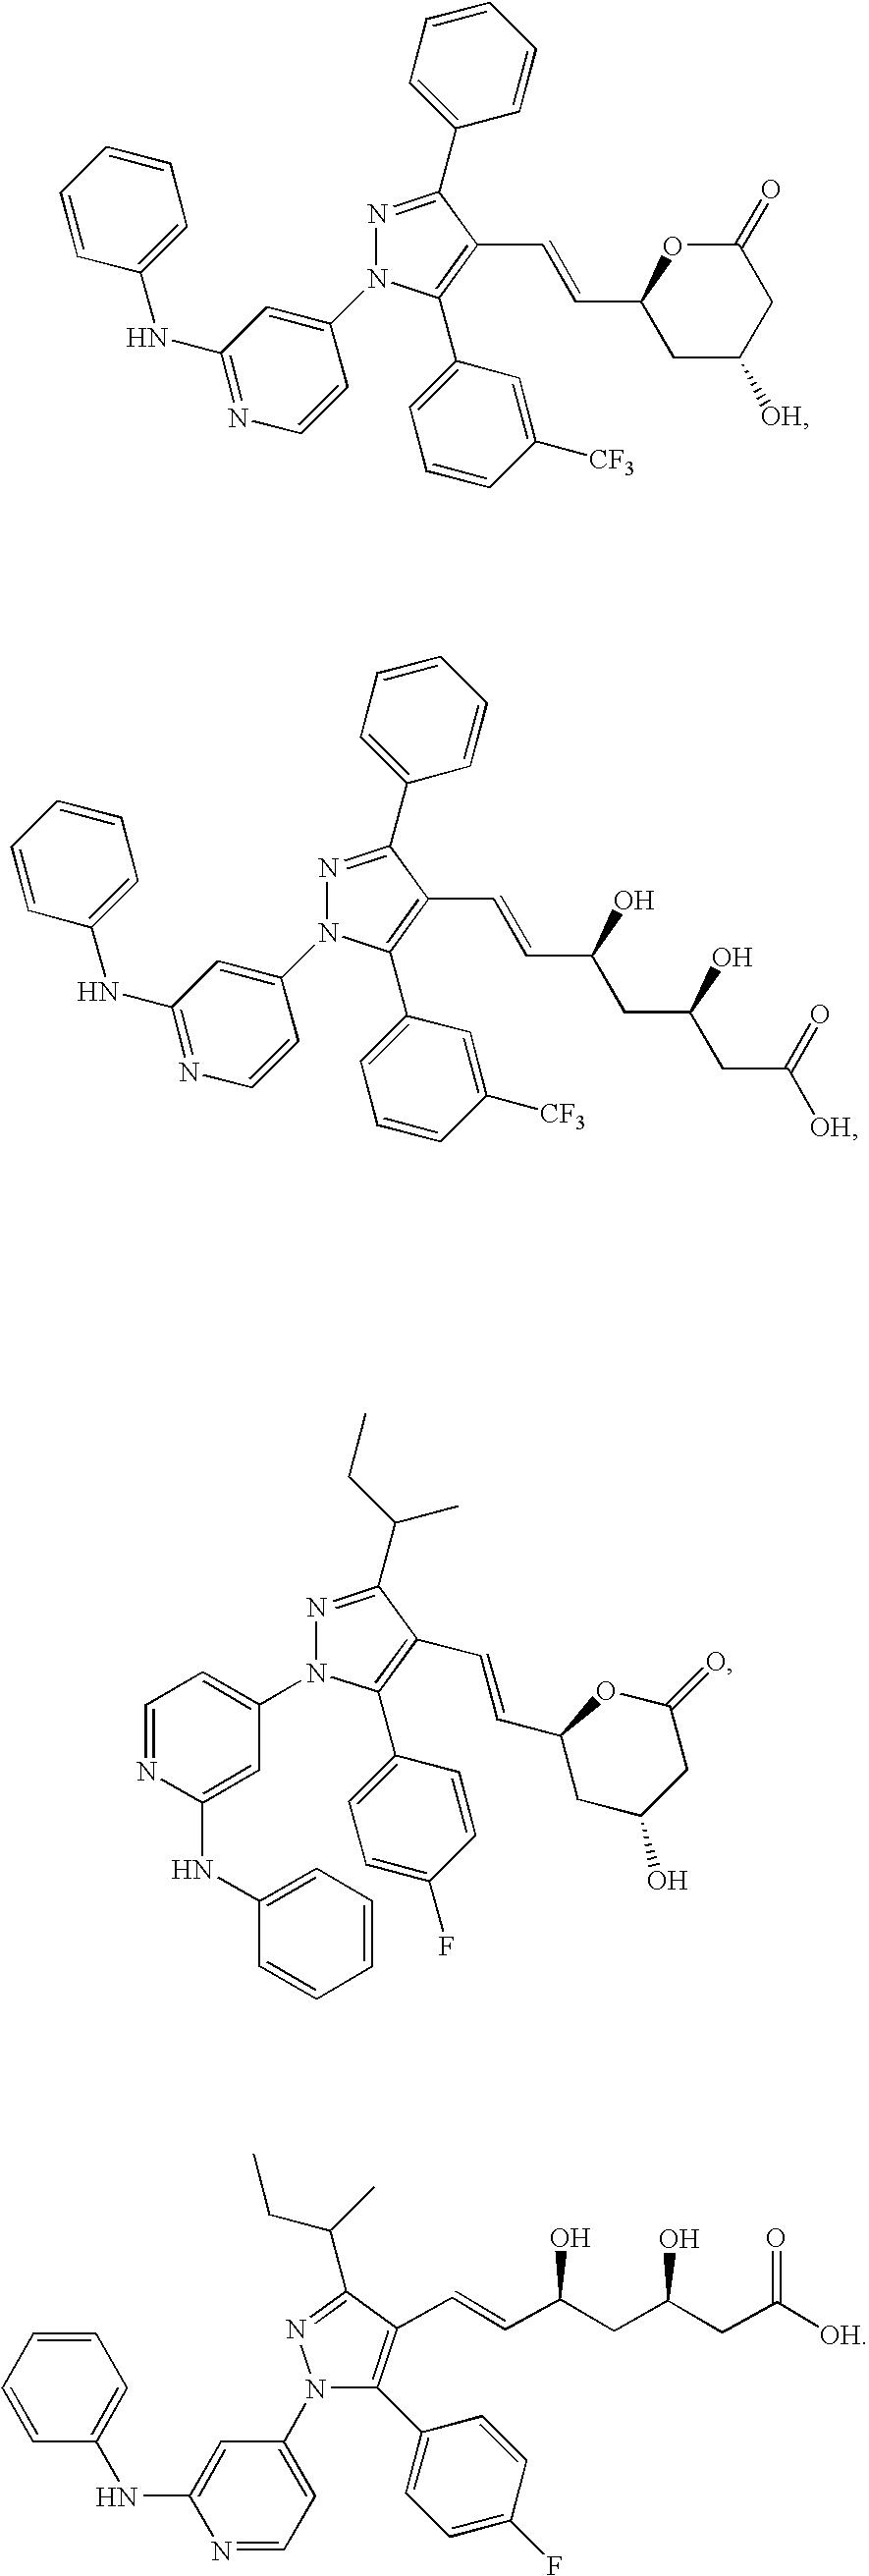 Figure US07183285-20070227-C00090